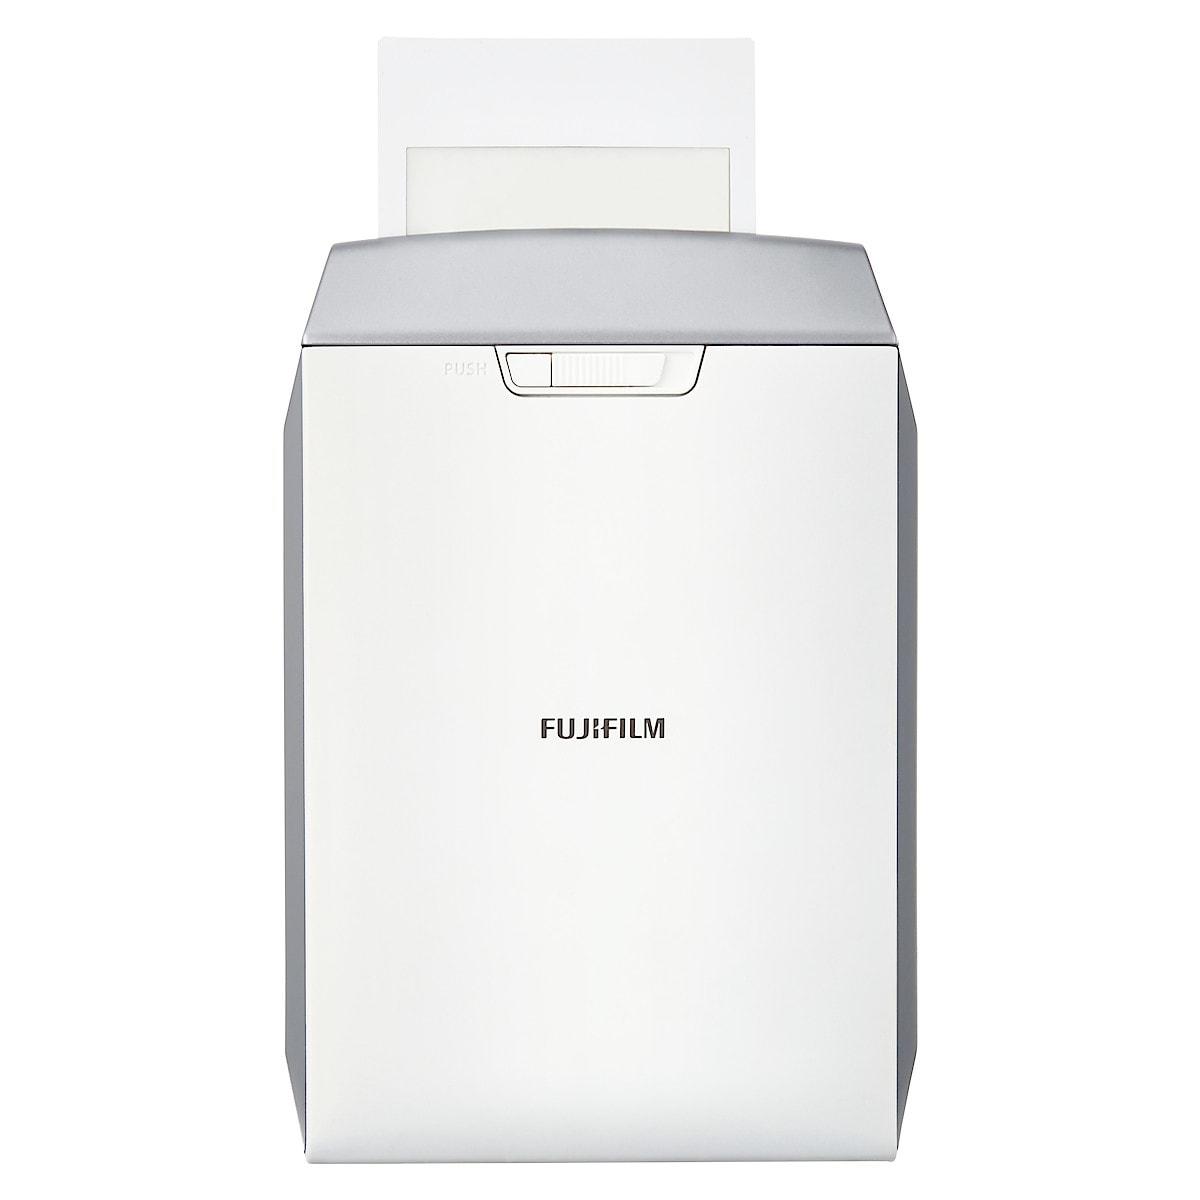 Fujifilm Instax Share SP-2, skrivare för smartphone